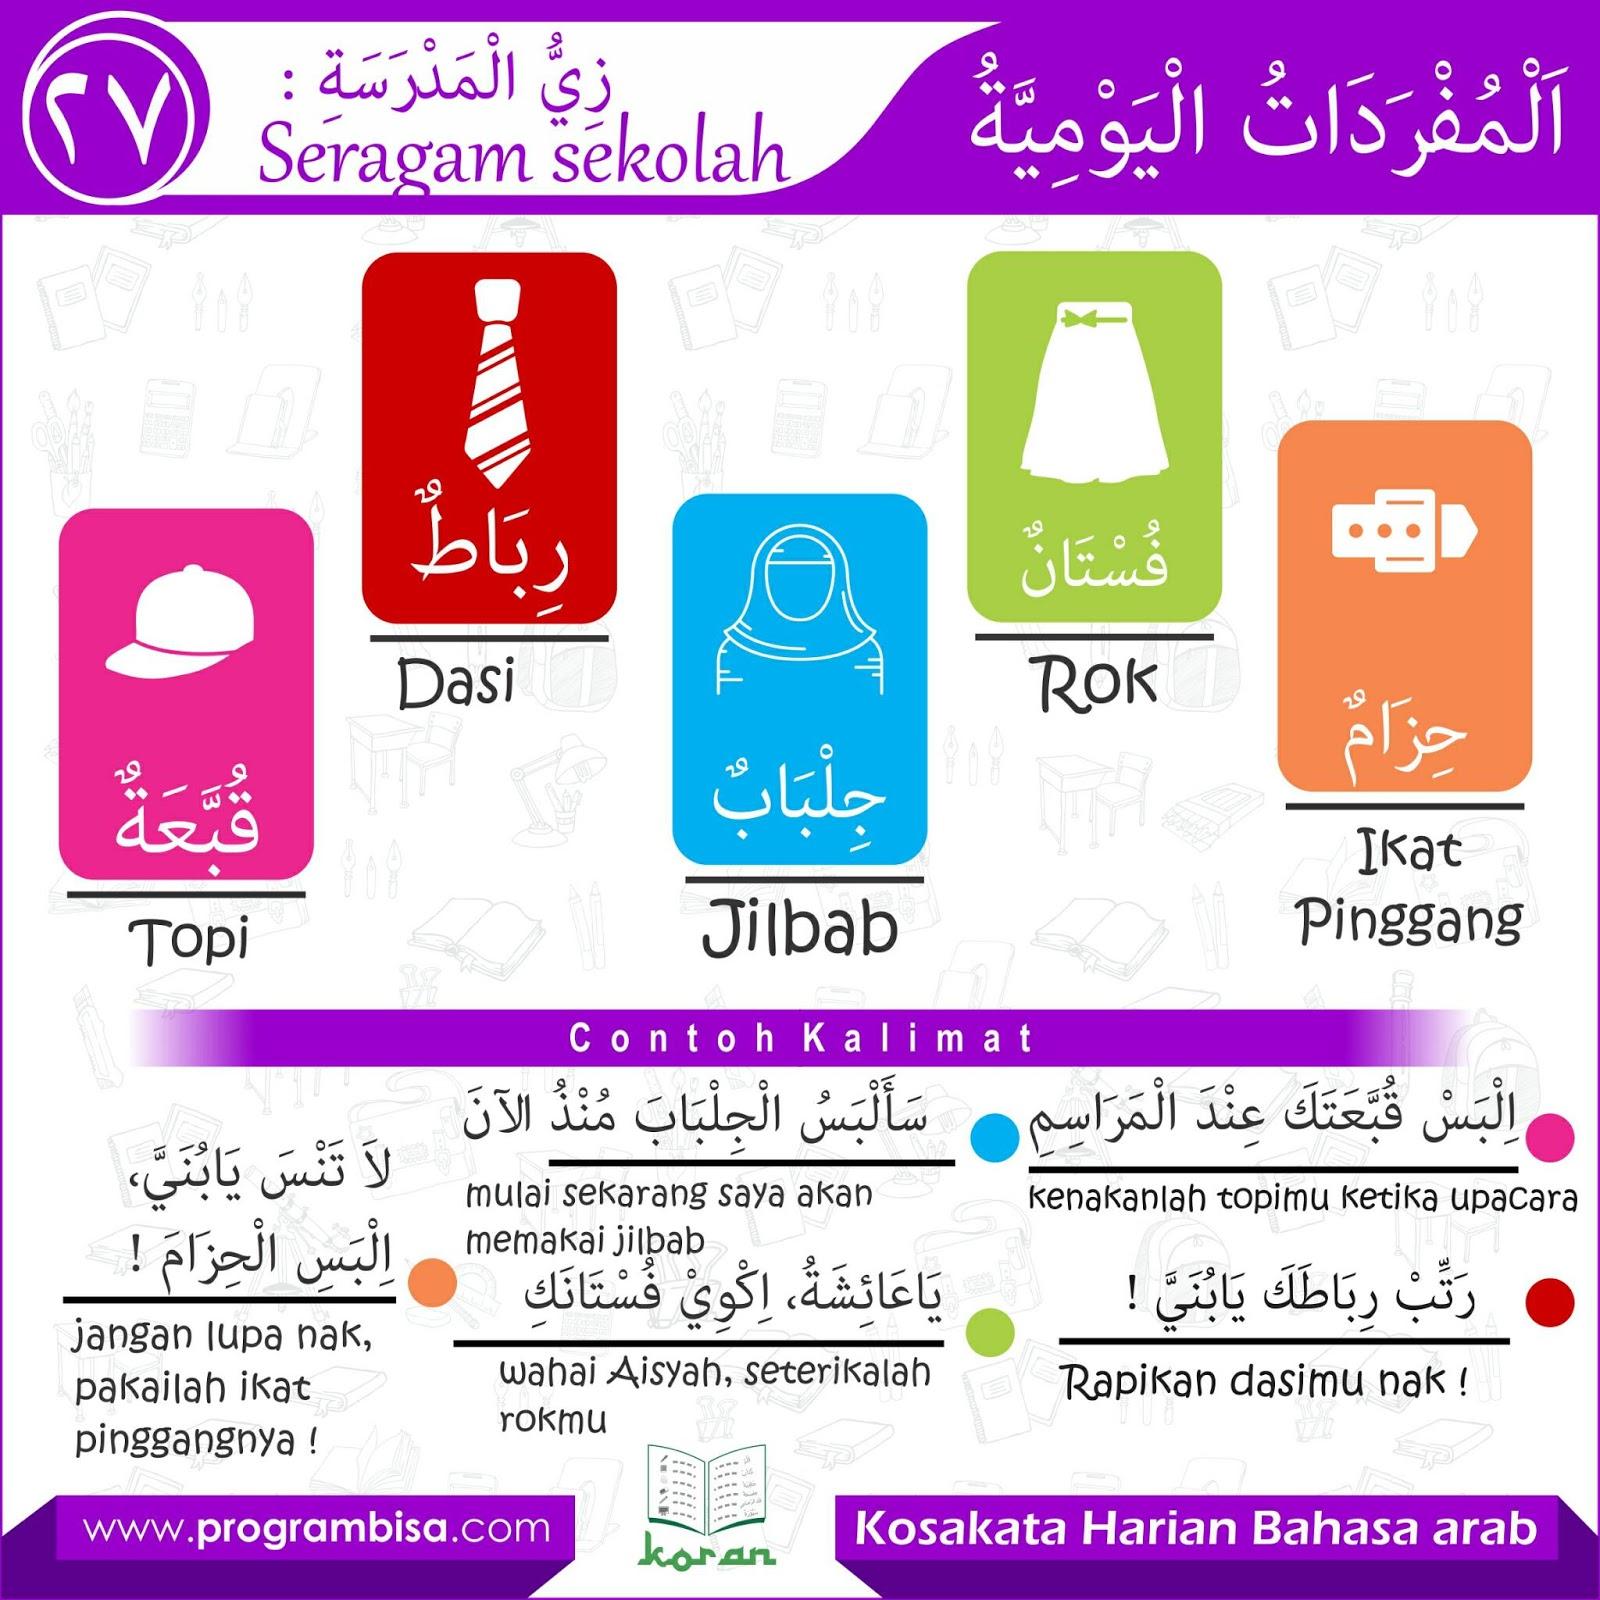 Kosakata Bahasa Arab Seputar Alat Sekolah Download Kajian Islam Ilmiyah Pangandaran